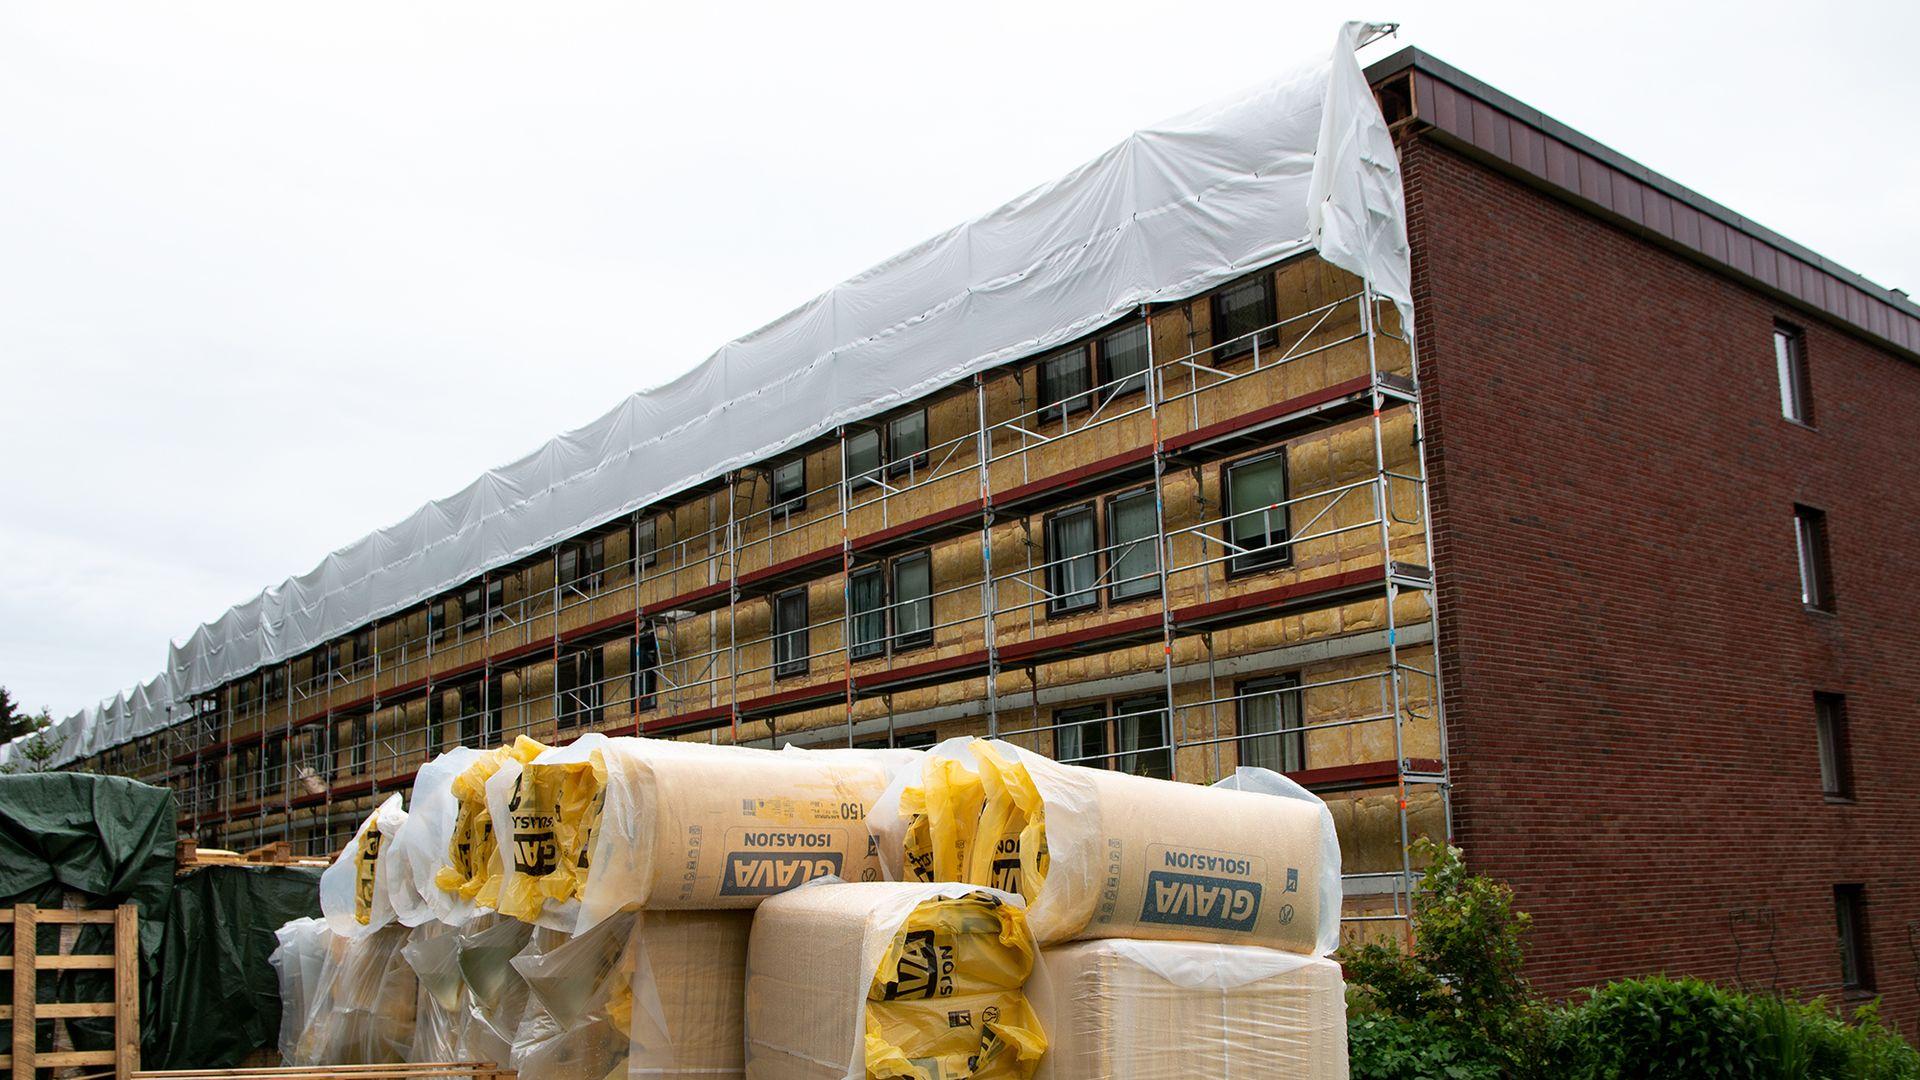 Rehabilitering av eksisterende boligmasse, som denne blokken på Kolbotn, bidrar til mer effektiv bruk av energi.